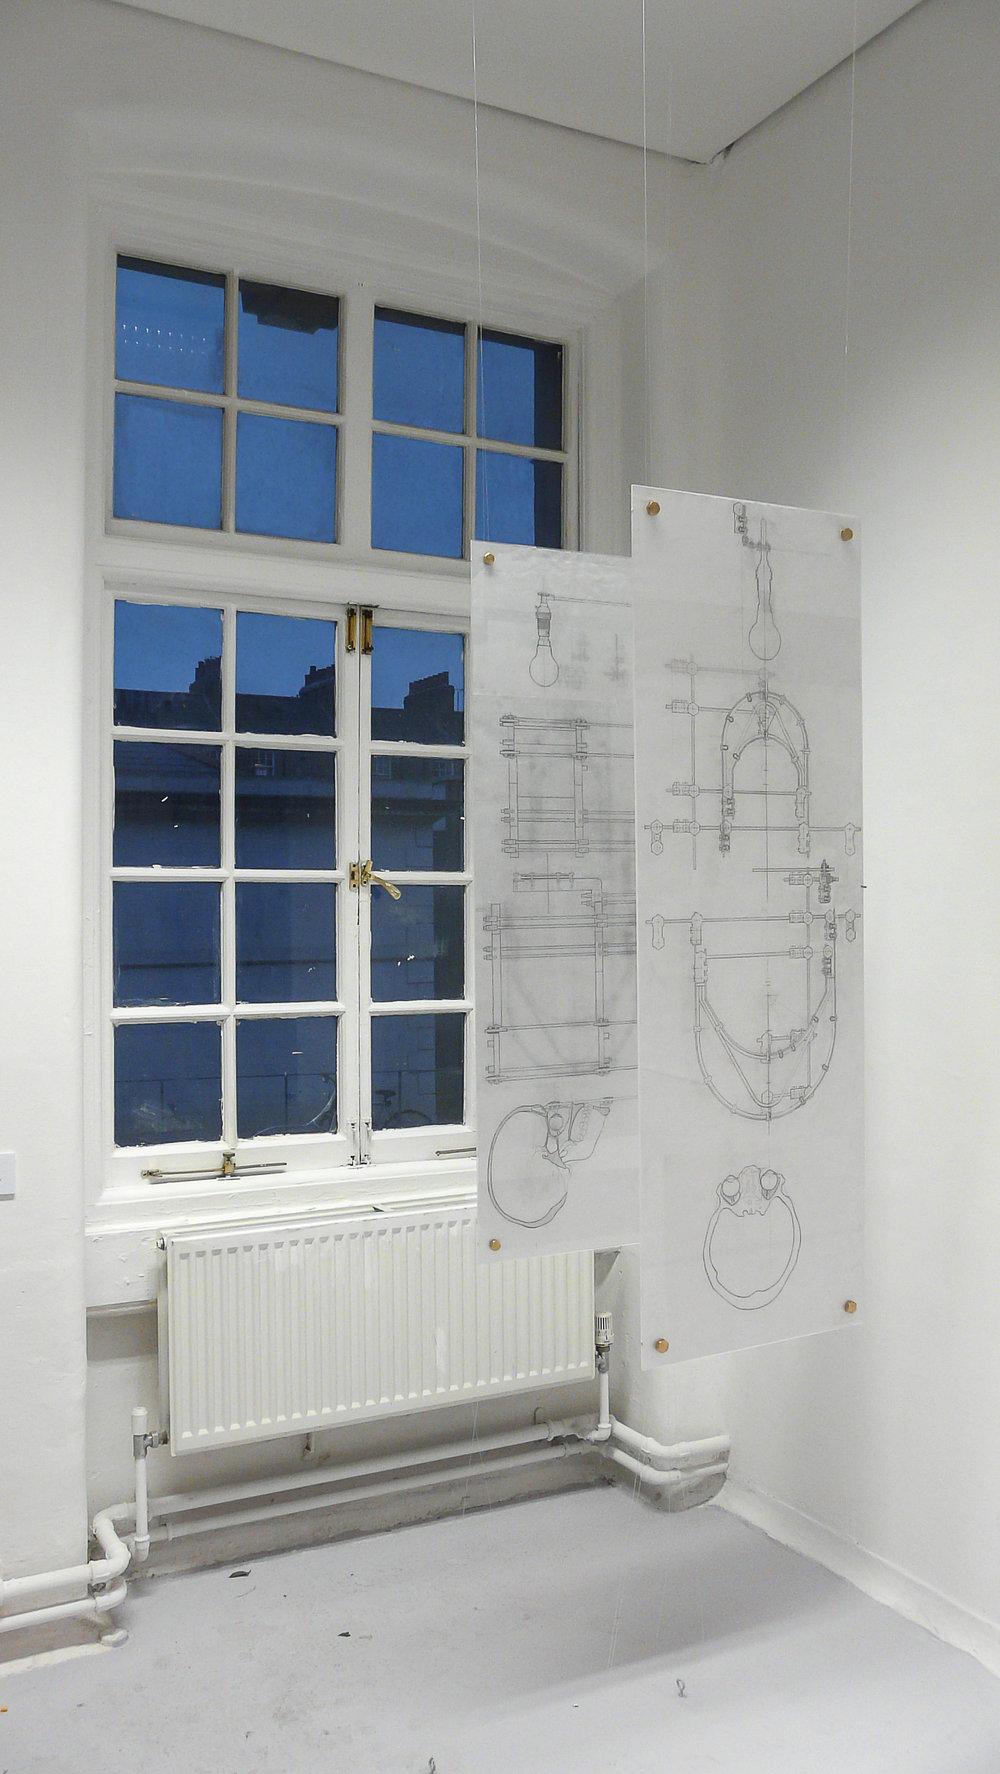 3 - 9 September 2011 Chelsea College of Art & Design, London, UK